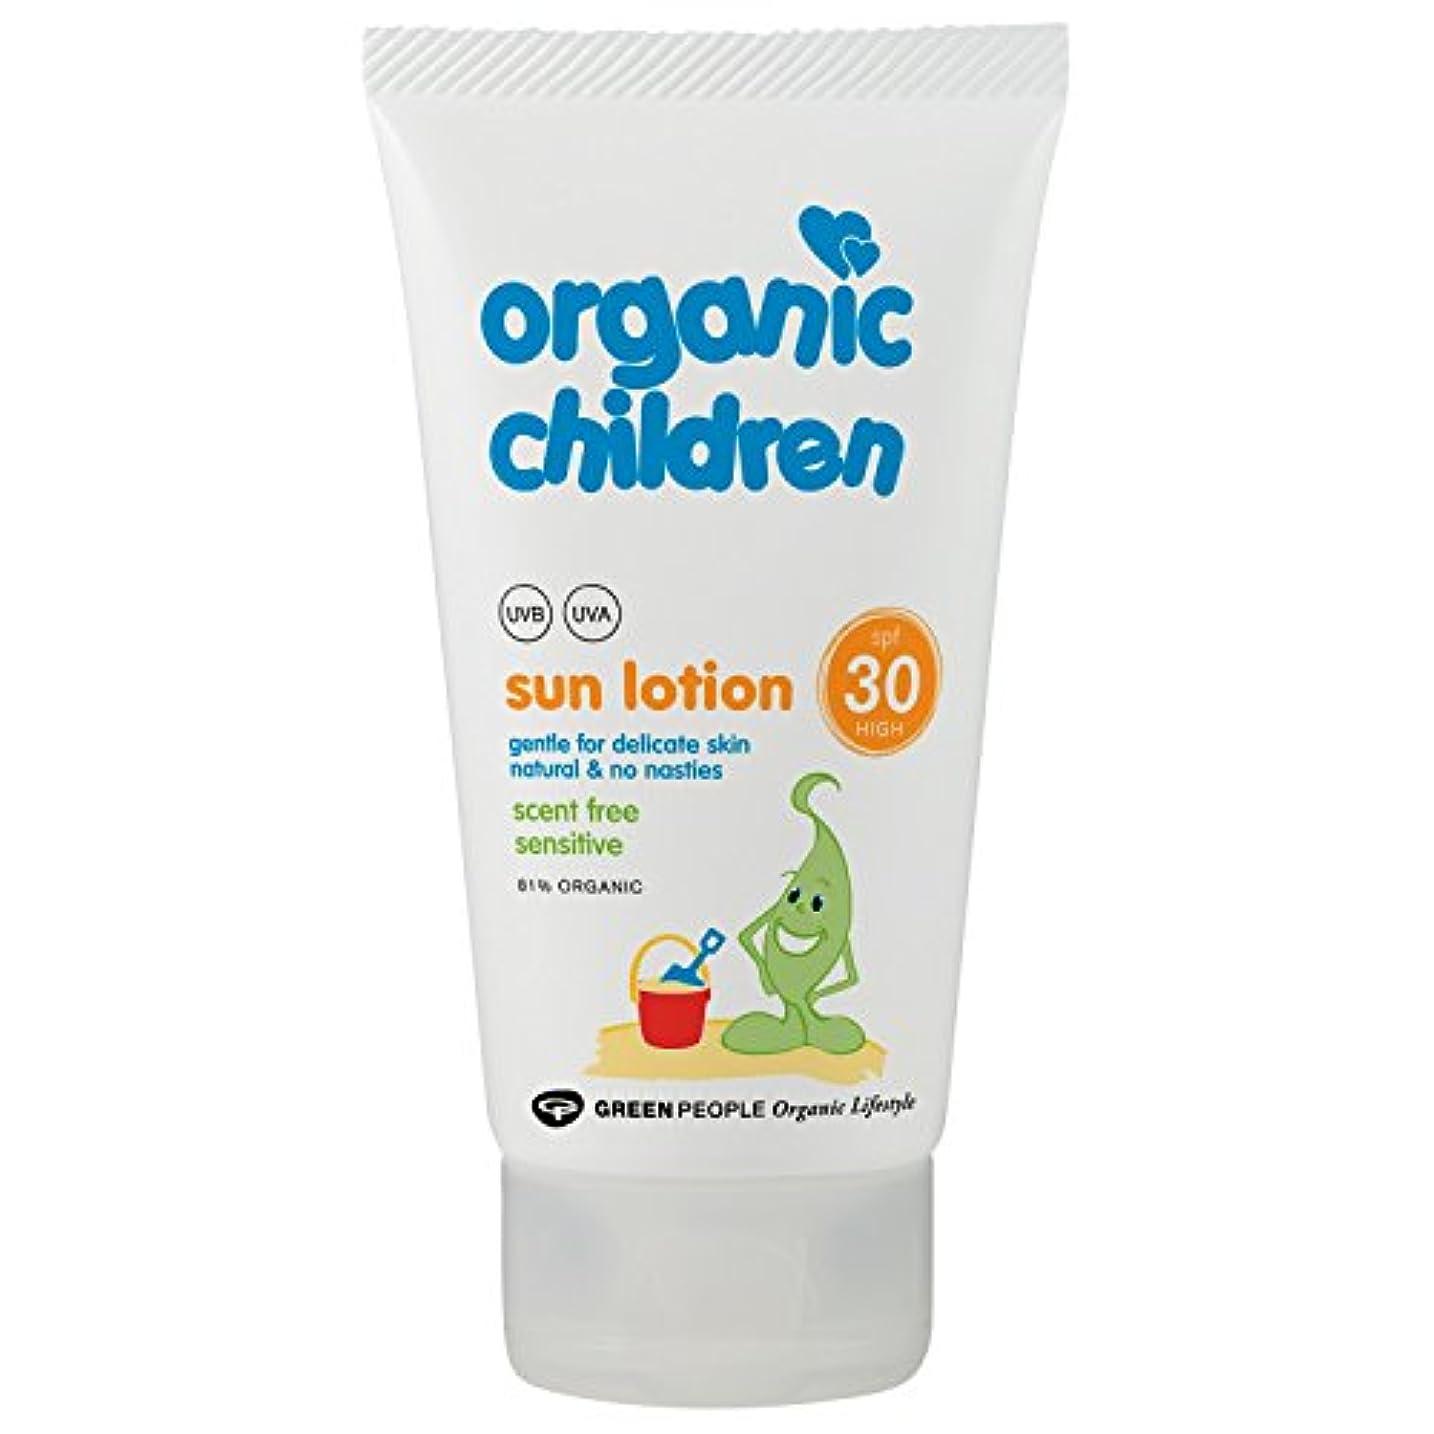 特殊移動するパキスタン人Organic Children SPF 30 Sun Lotion 150g (Pack of 6) - 有機子どもたちは30日のローション150グラムを x6 [並行輸入品]